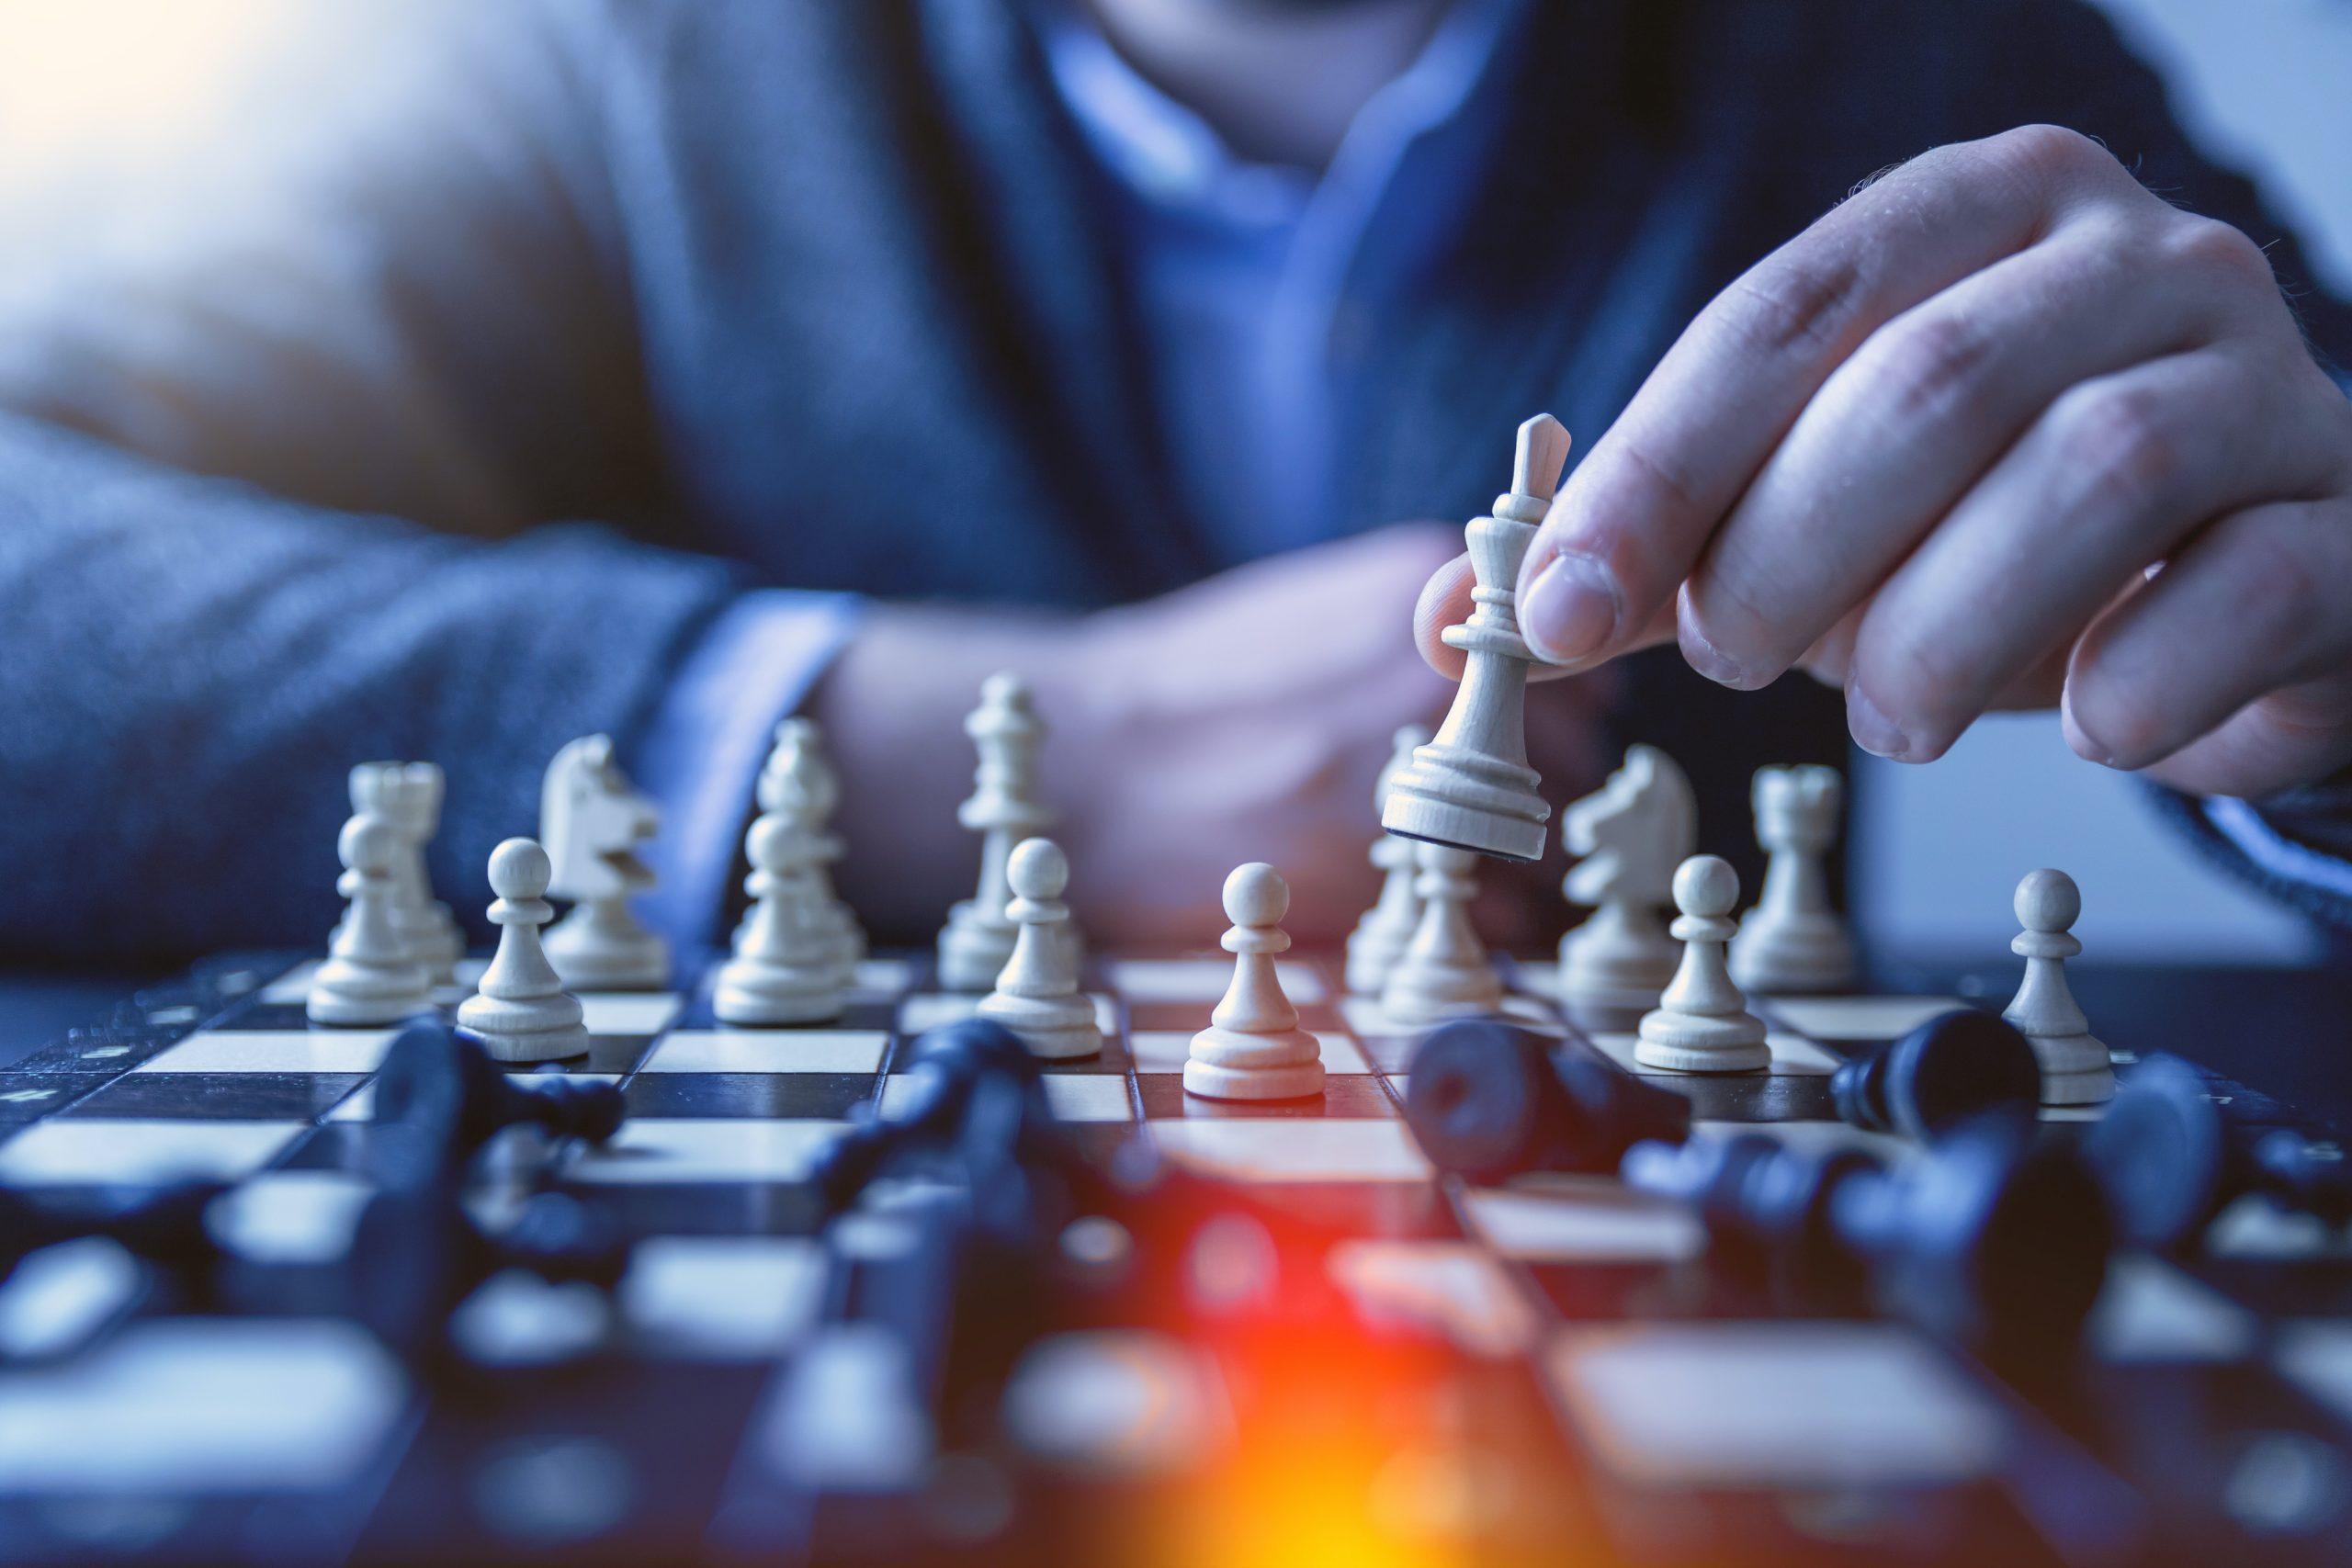 Le jeu d'échecs source de bienfaits considérables pour les élèves